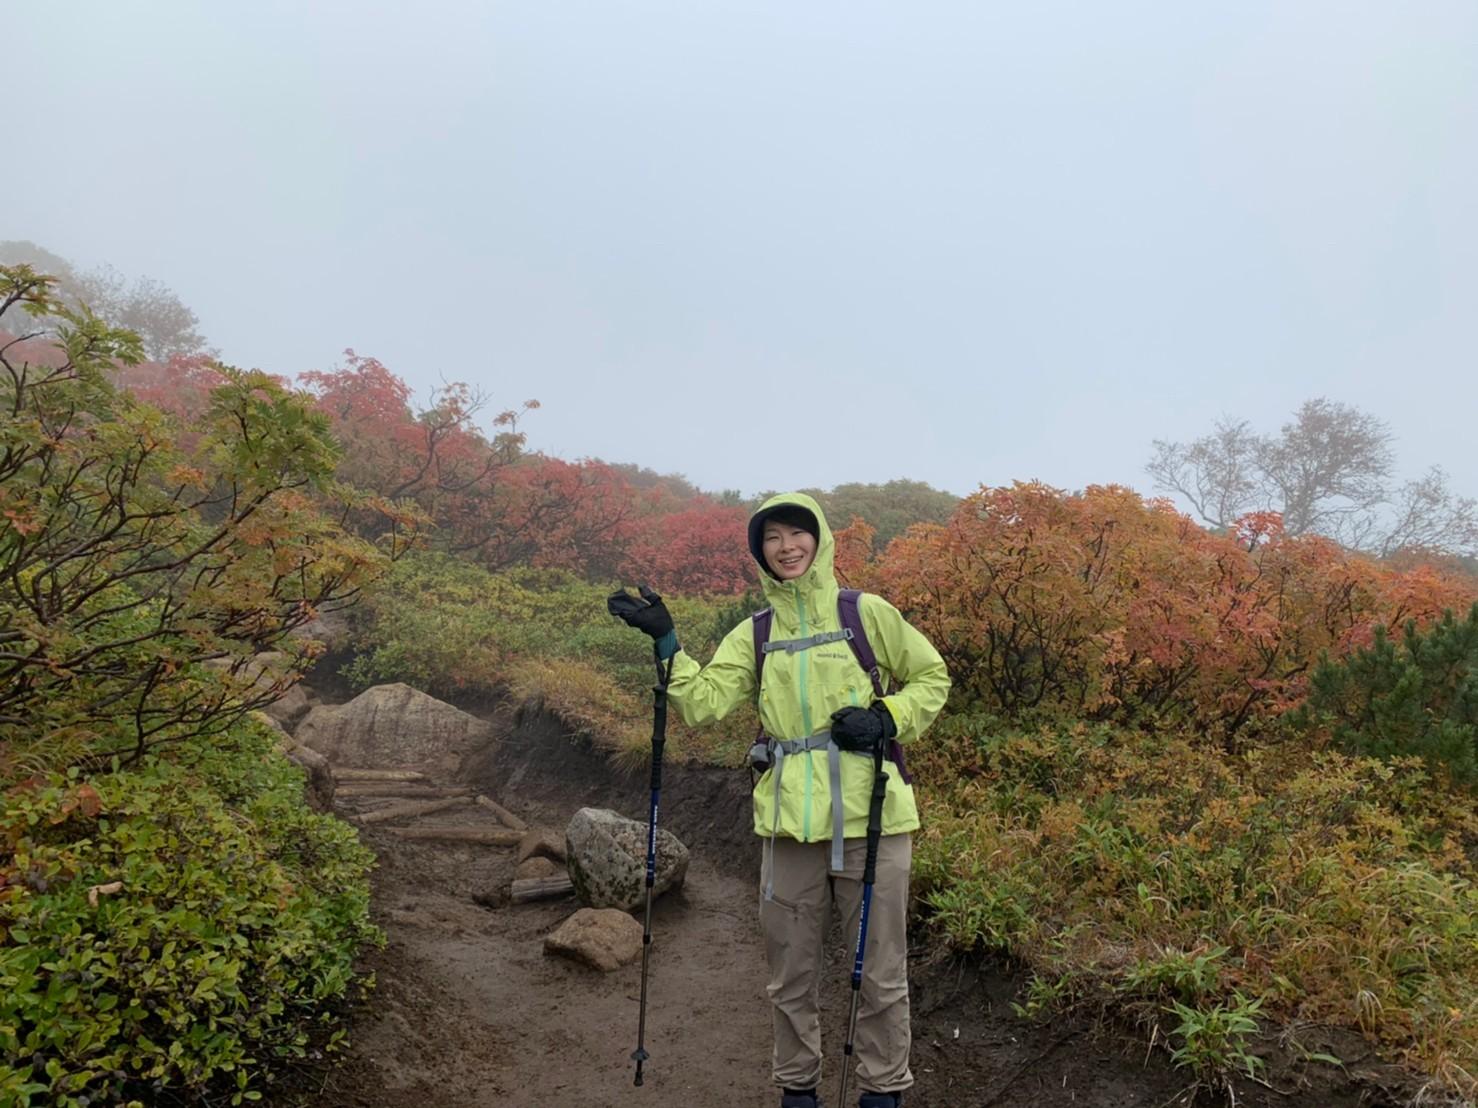 日本一早い紅葉を見に赤岳へ。奇跡のナッキーに会えました♪_d0198793_13024090.jpg